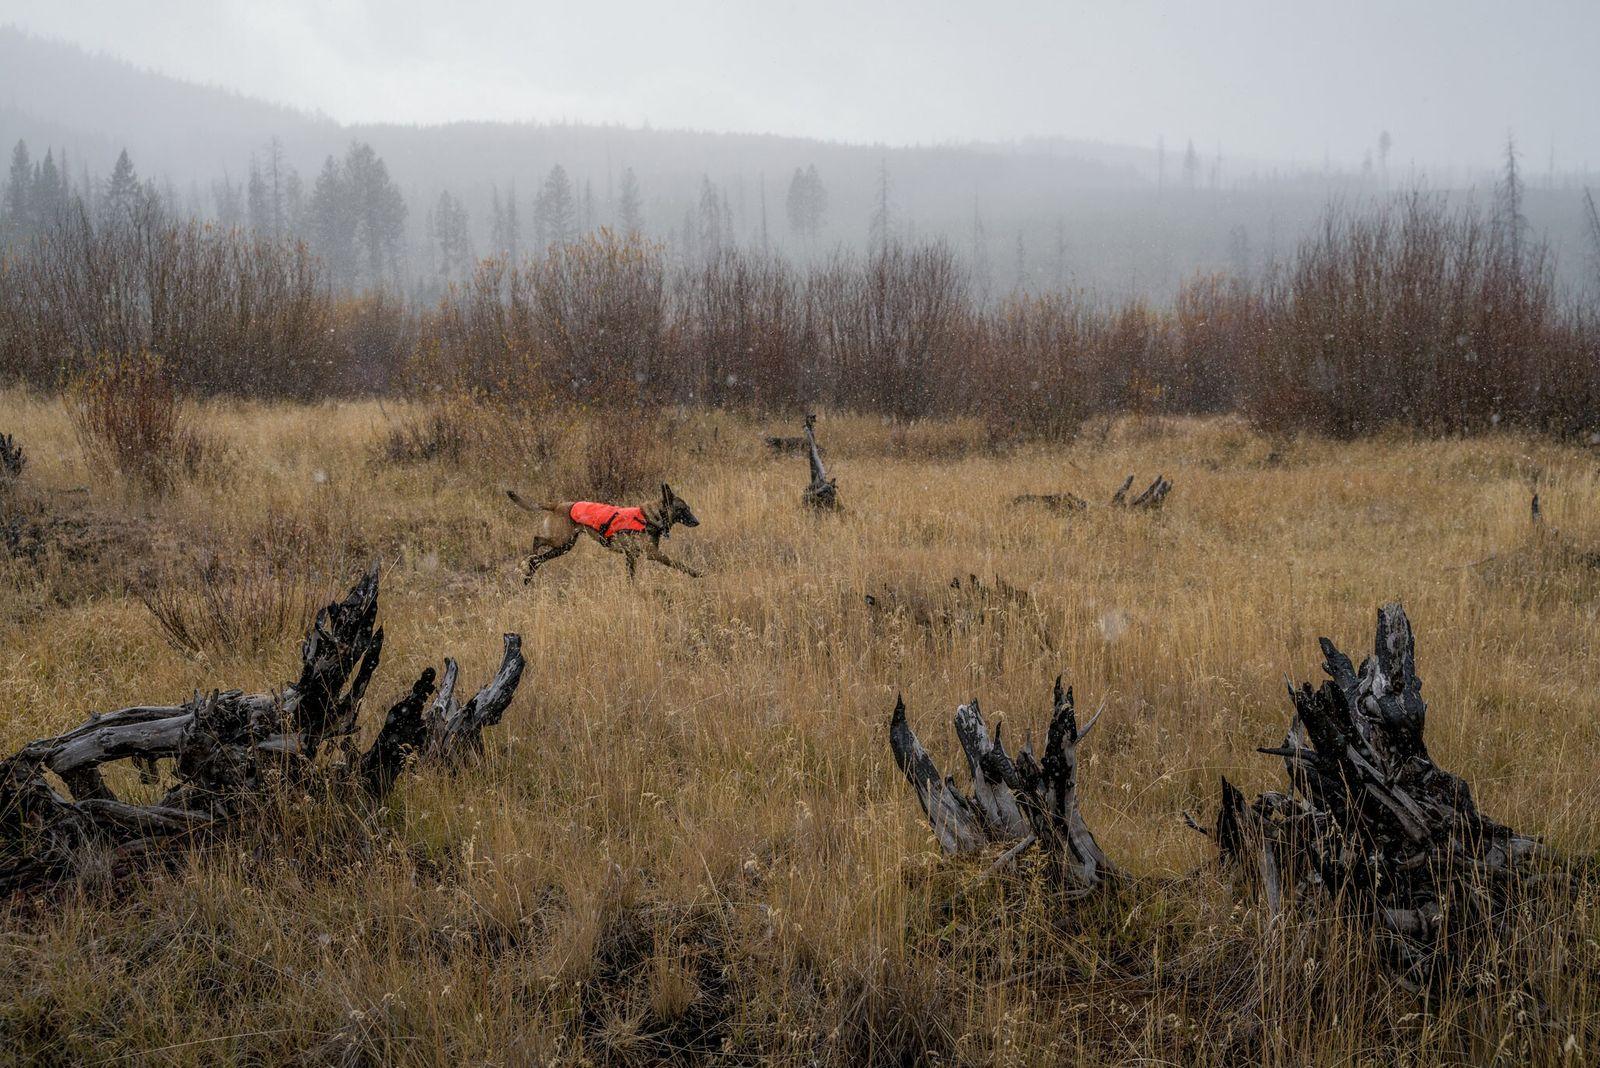 Un perro rastreador recorre el terreno